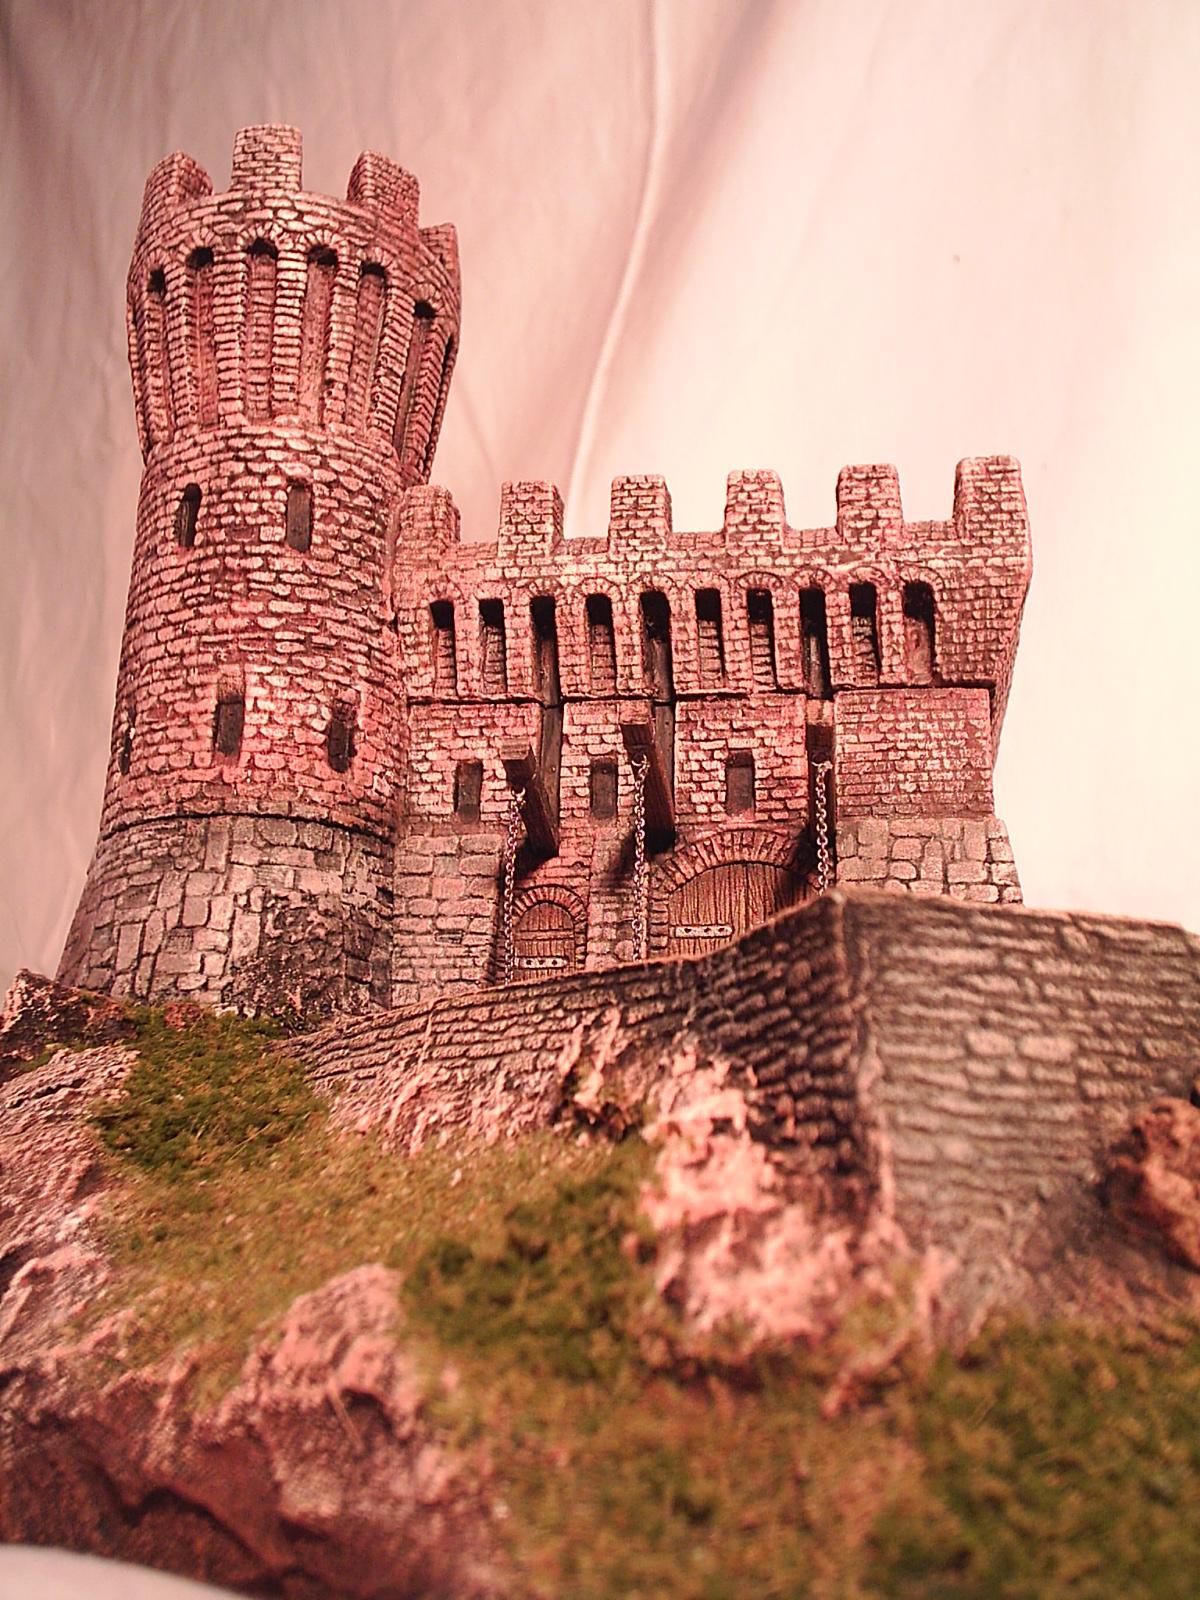 diorama castello scala 1/72 con materiale Manor House